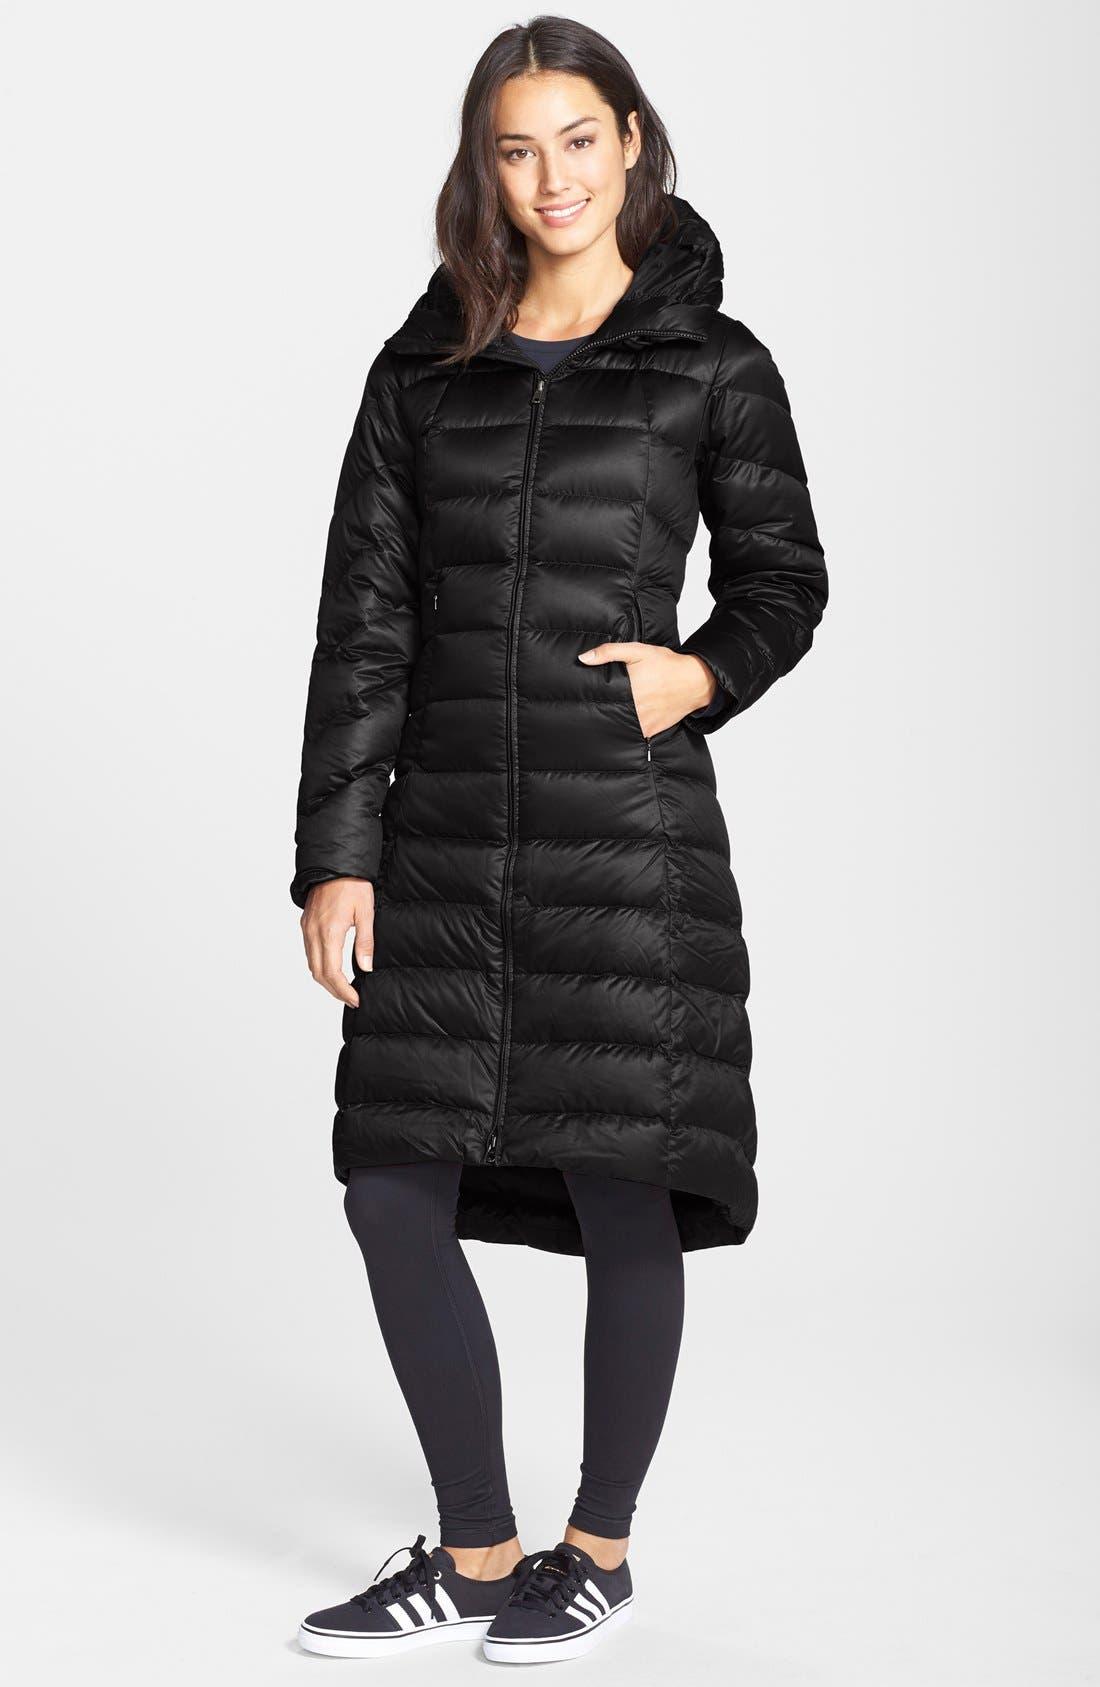 Patagonia Long Down Coat Han Coats